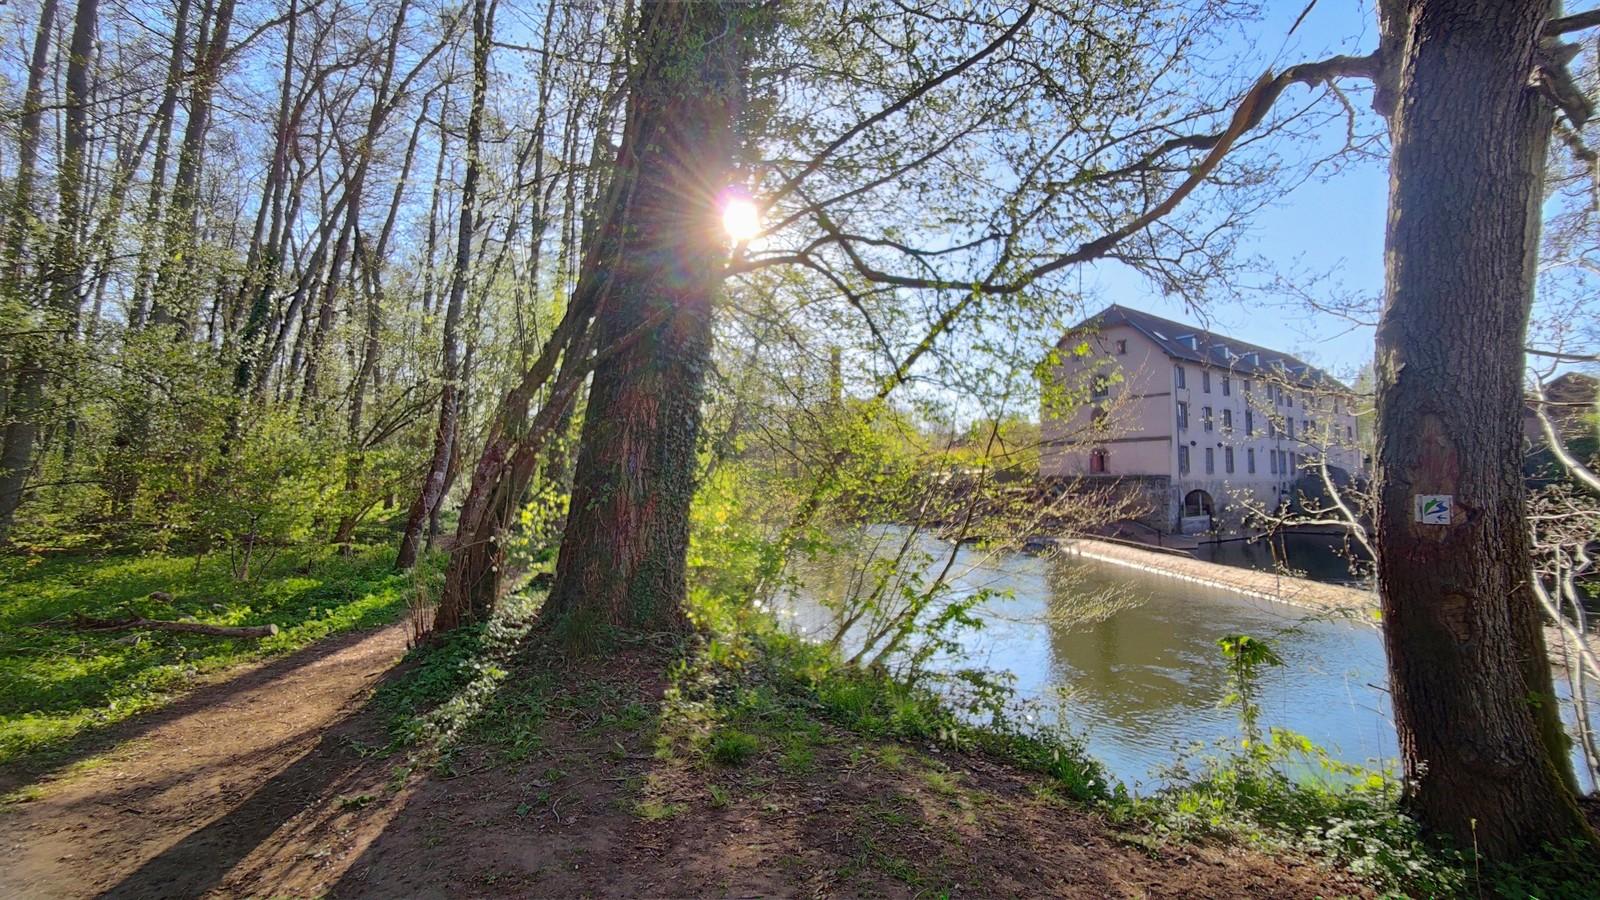 Wanderung auf dem Blies-Grenz-Weg in der Biosphäre Bliesgau